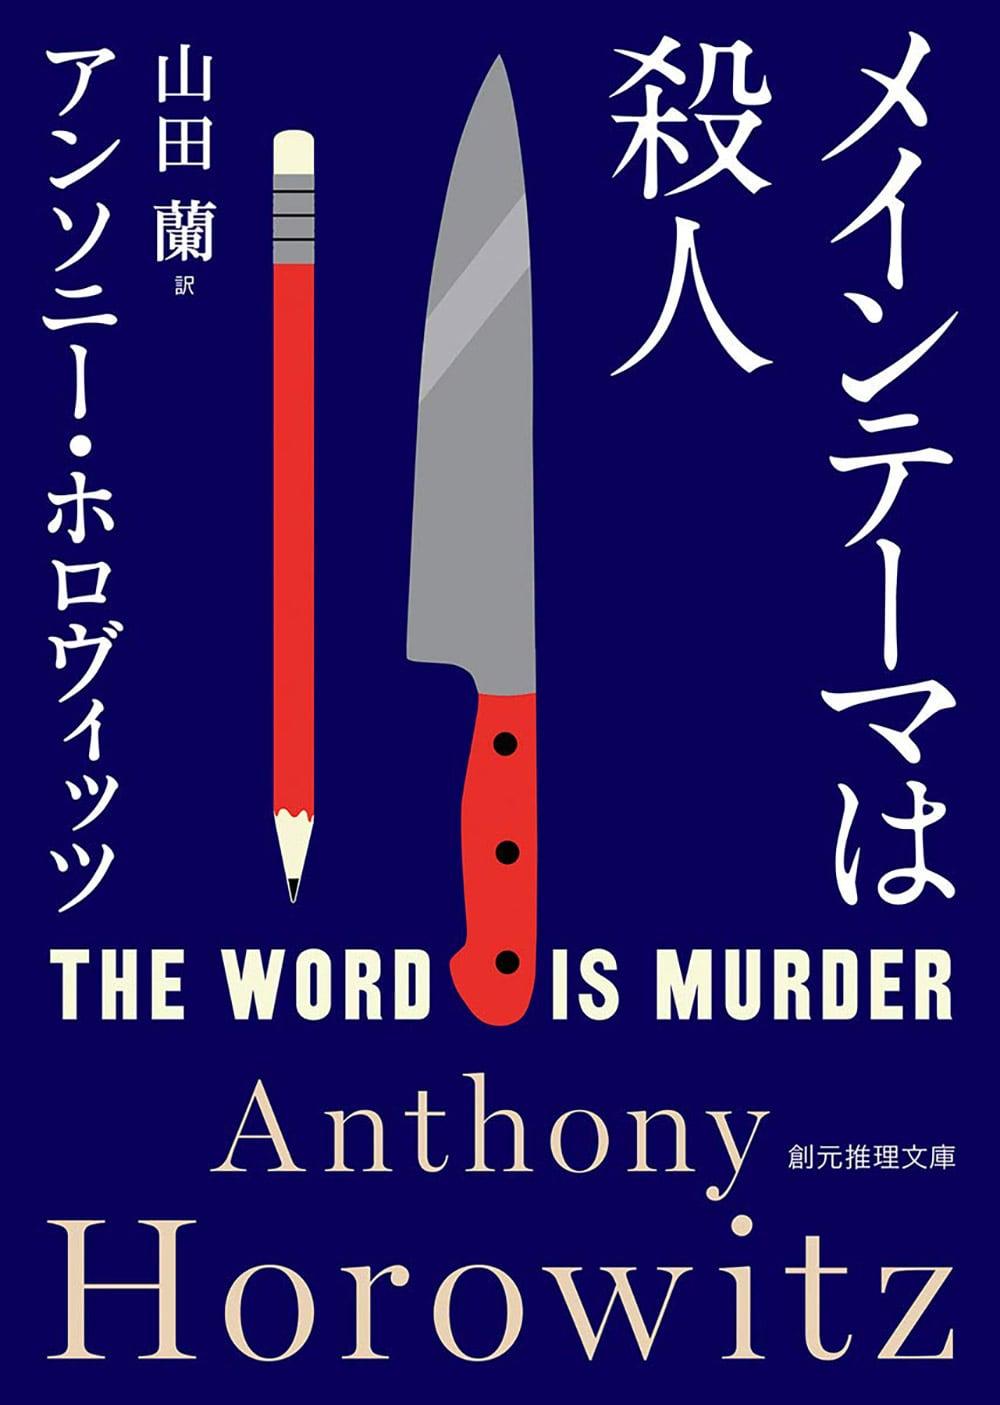 メインテーマは殺人